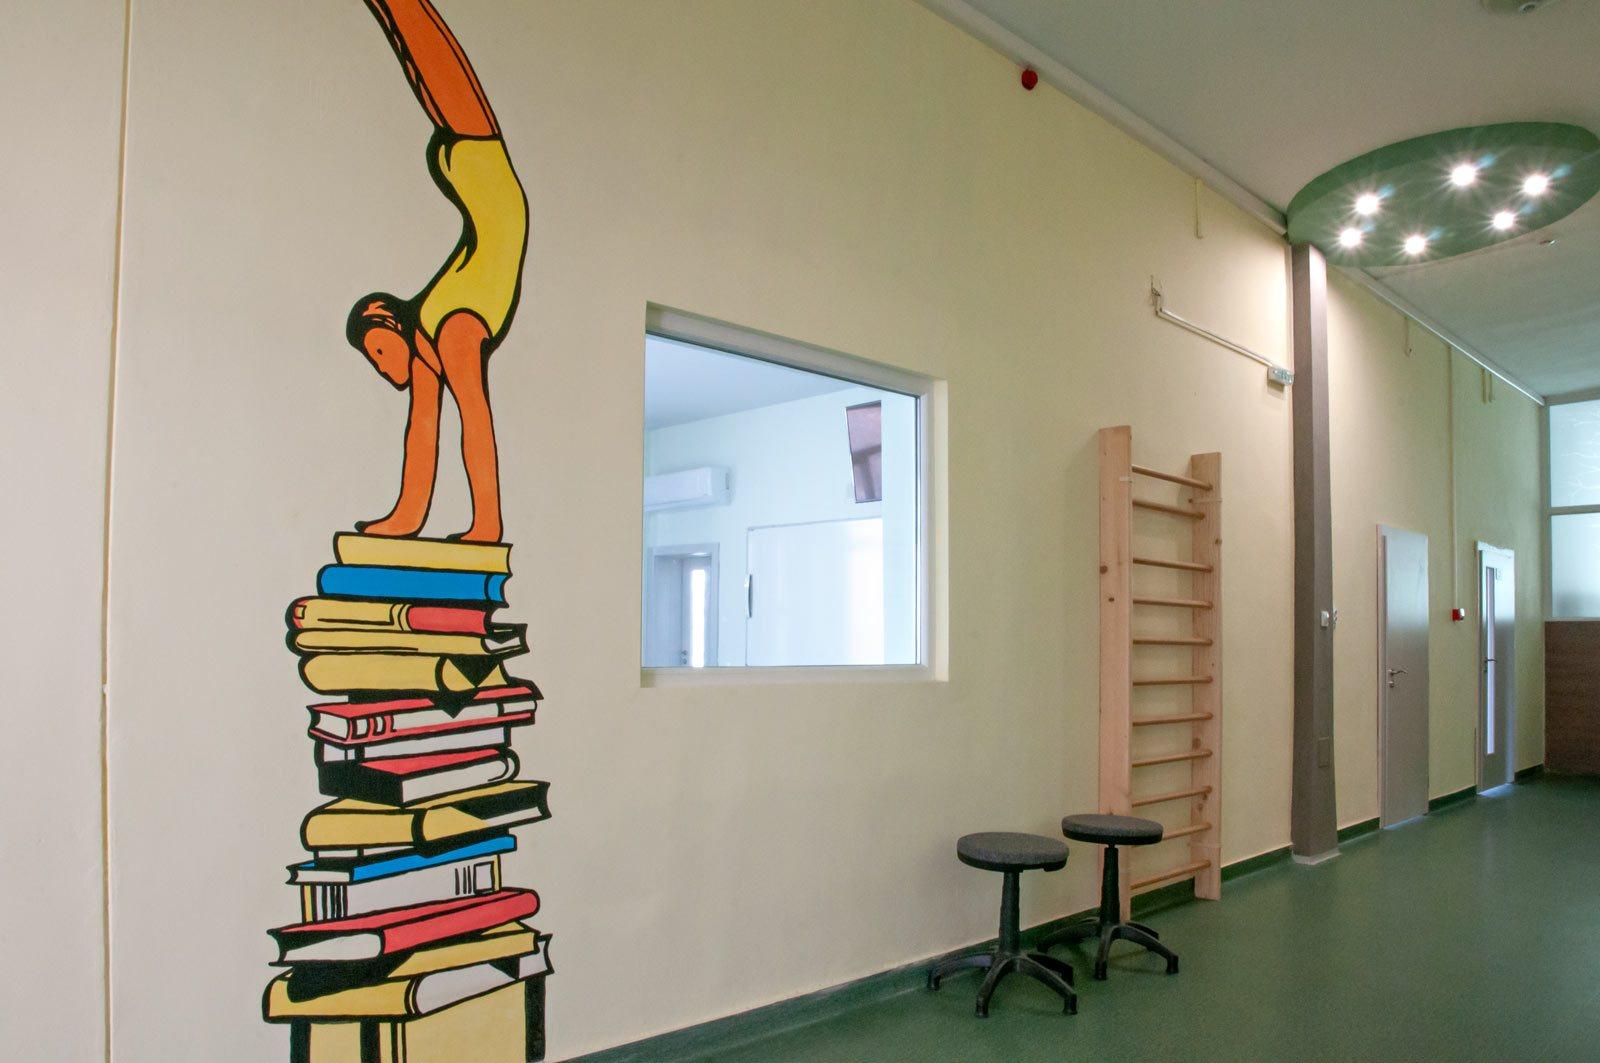 EZF1393-new-classroom-1